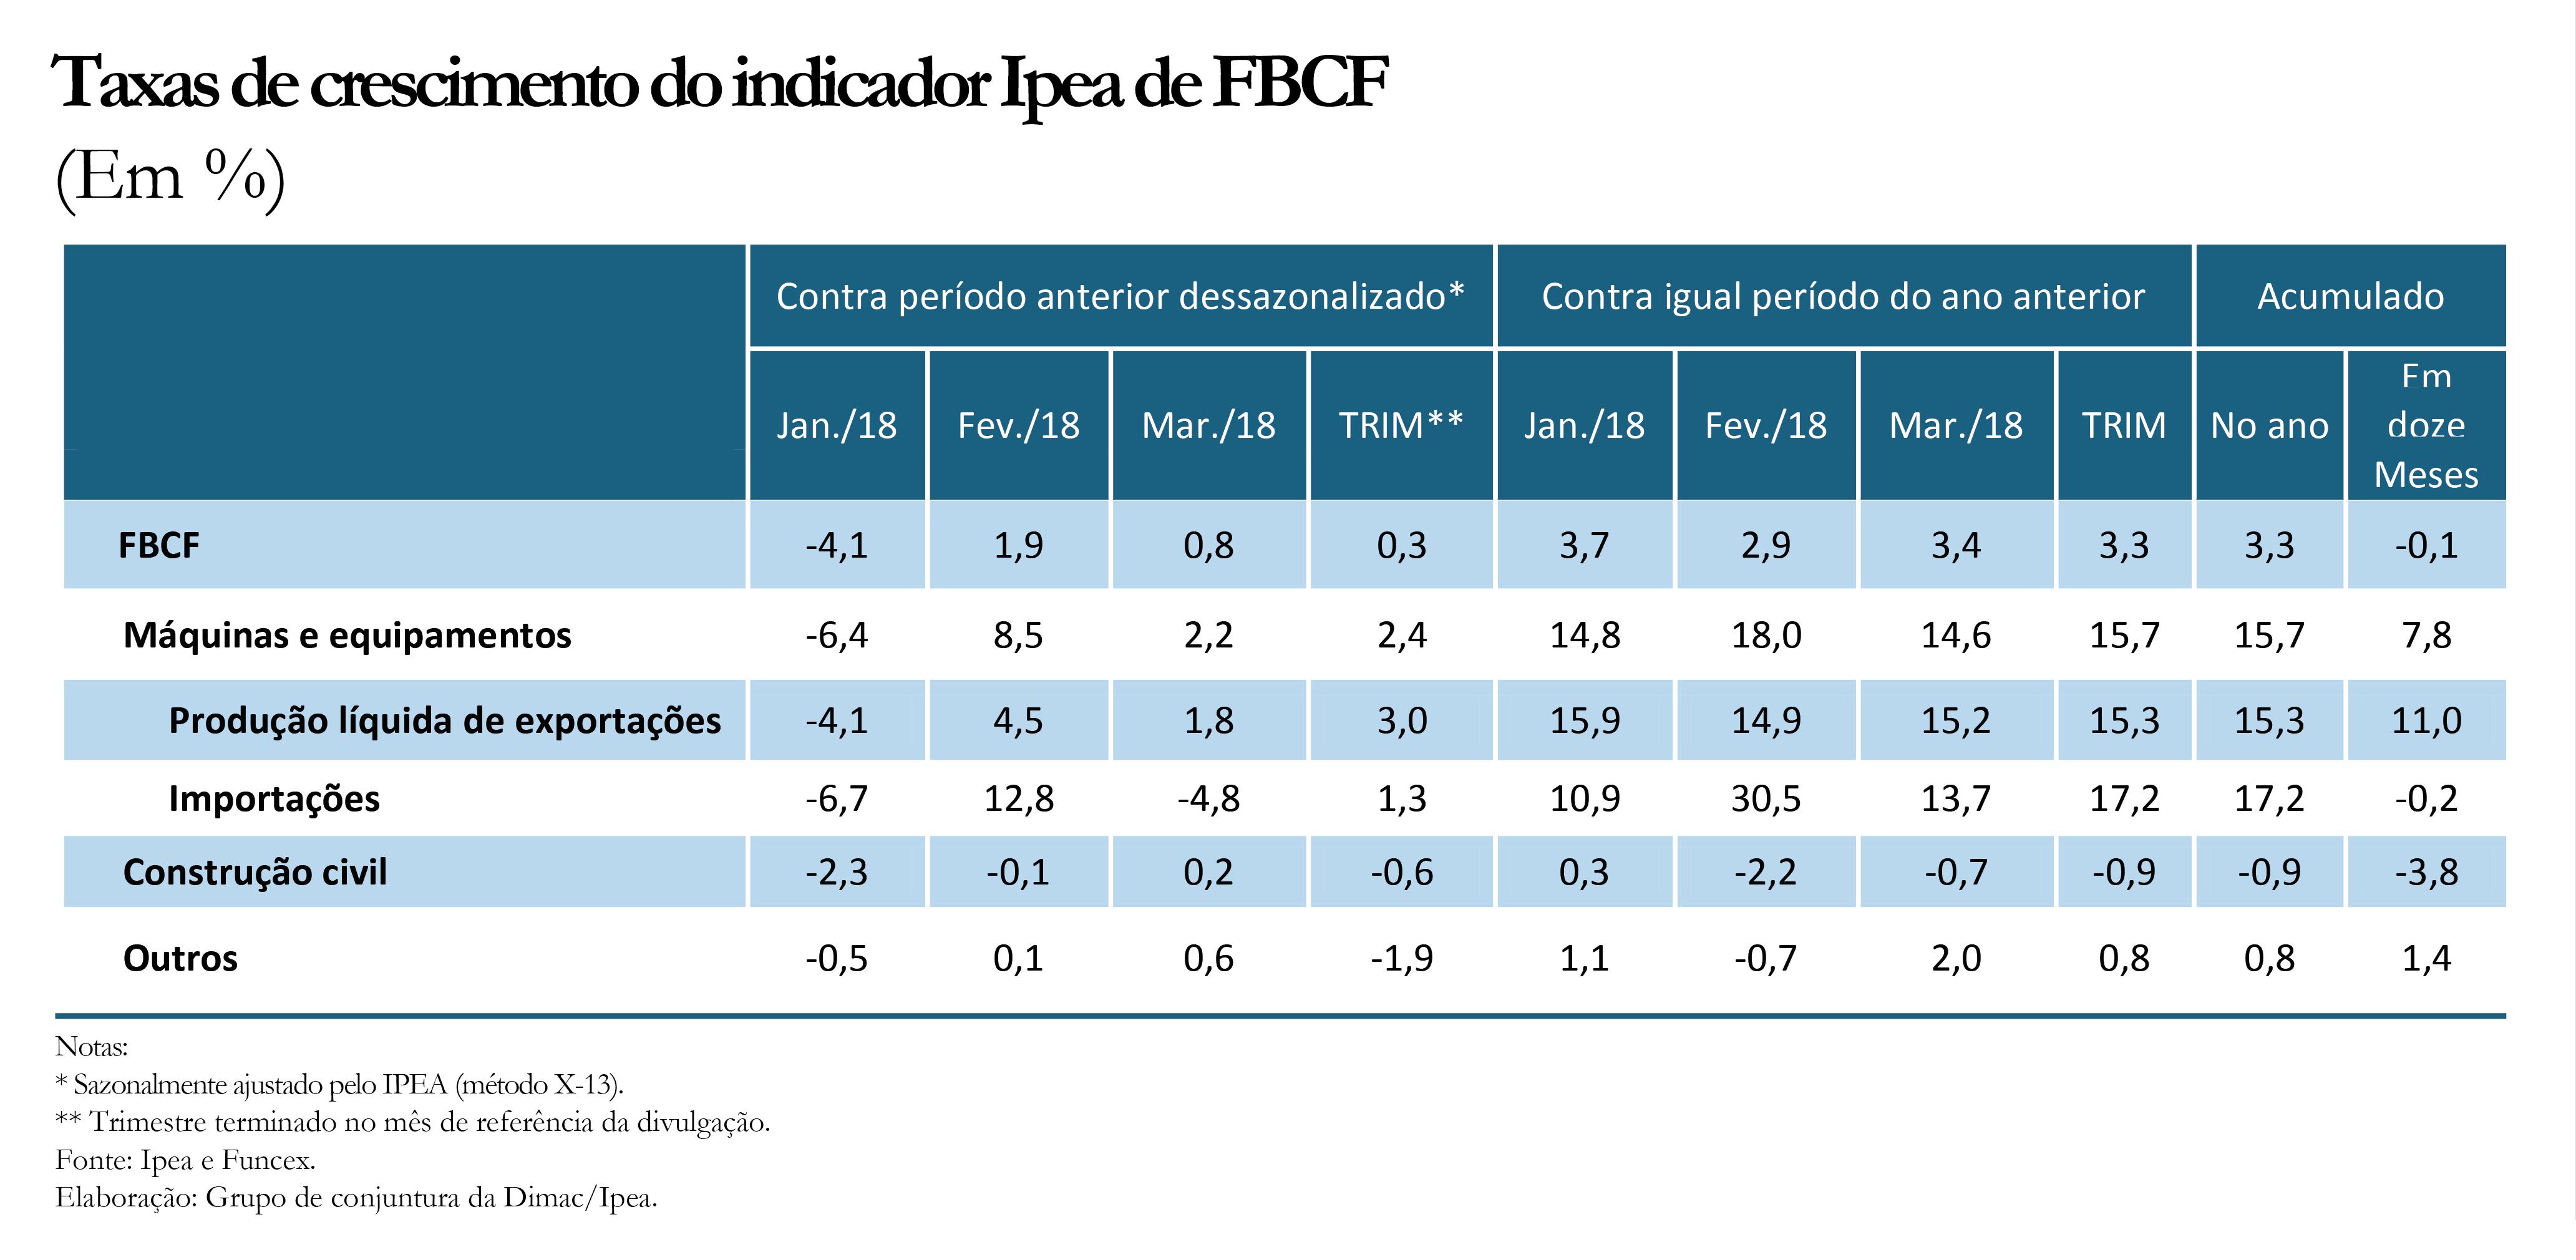 Tabela - Indicador Ipea FBCF mar18